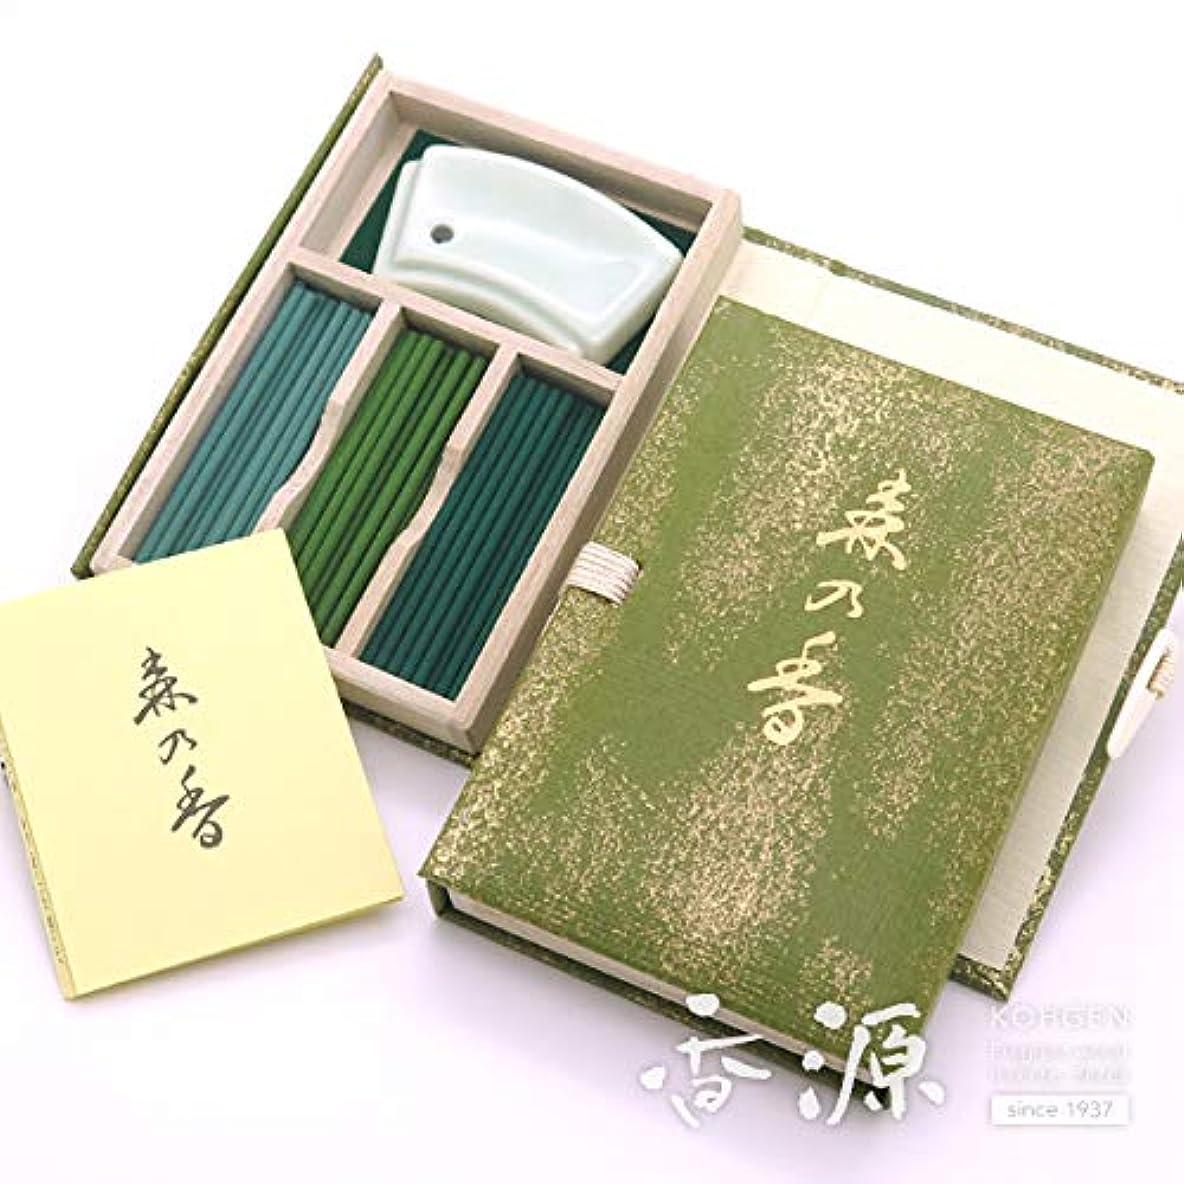 運動する検索エンジン最適化エロチック日本香堂のお香 森の香 スティックミニ寸文庫型 60本入り